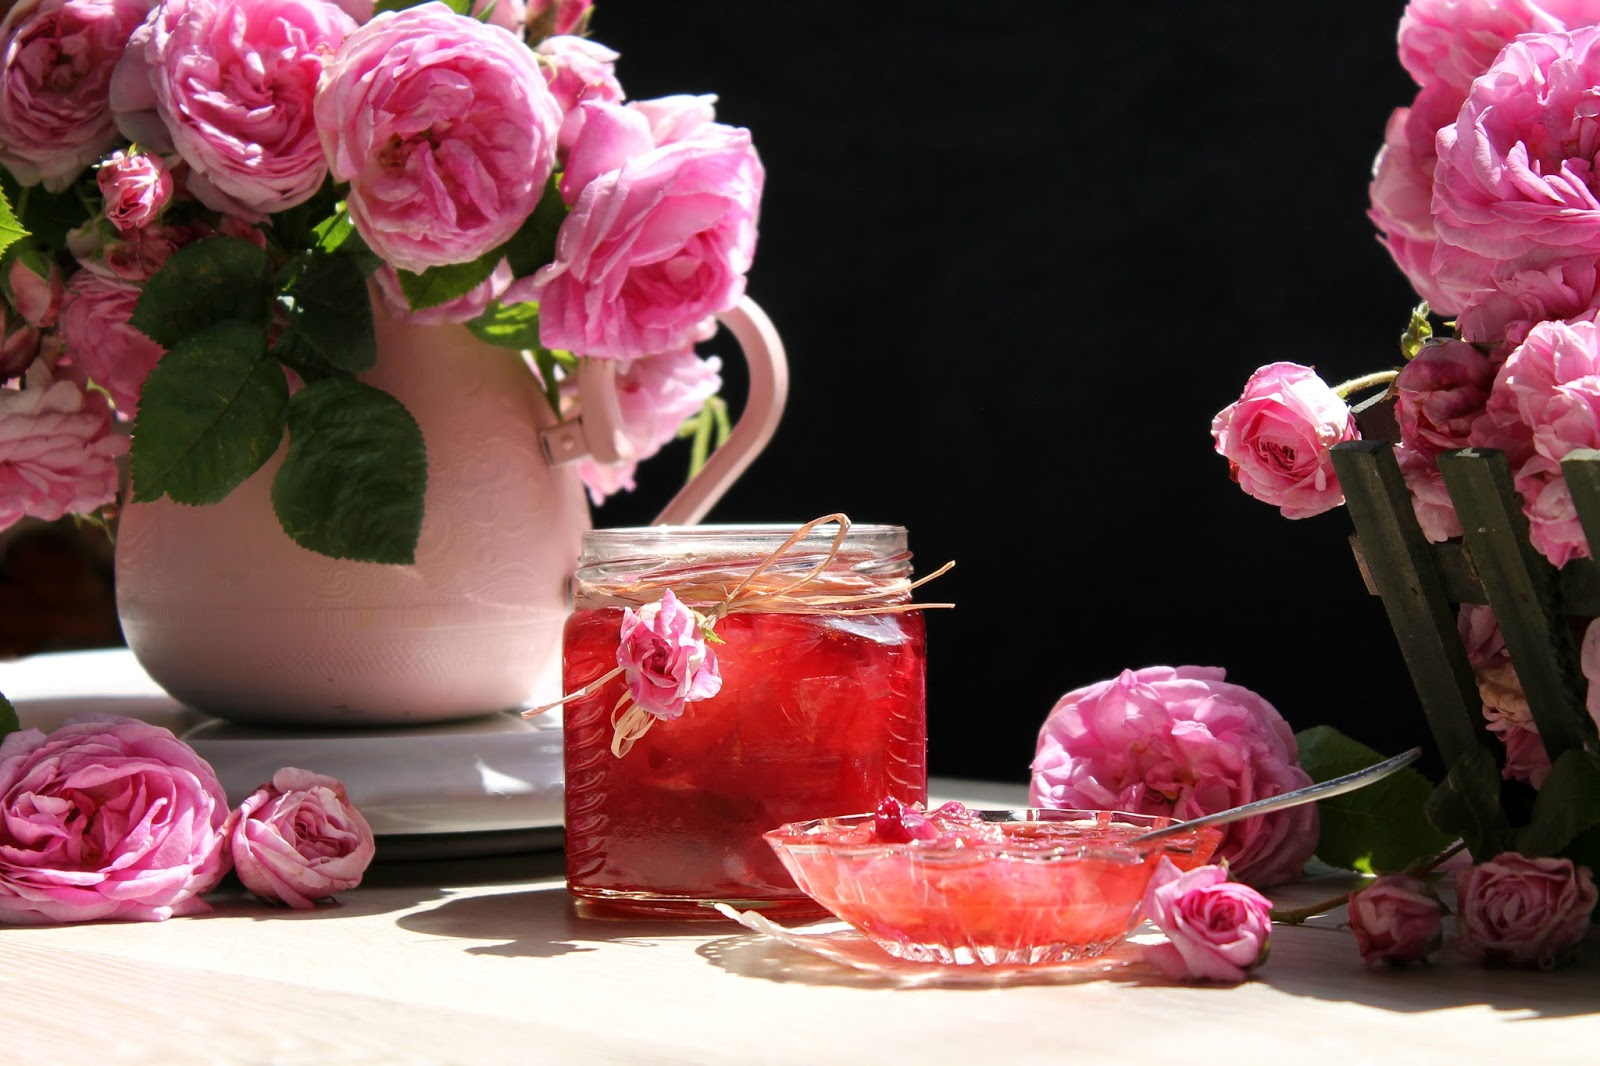 Из лепестков Розы (ботаническое название шиповника) получается ароматное и вкусное варенье